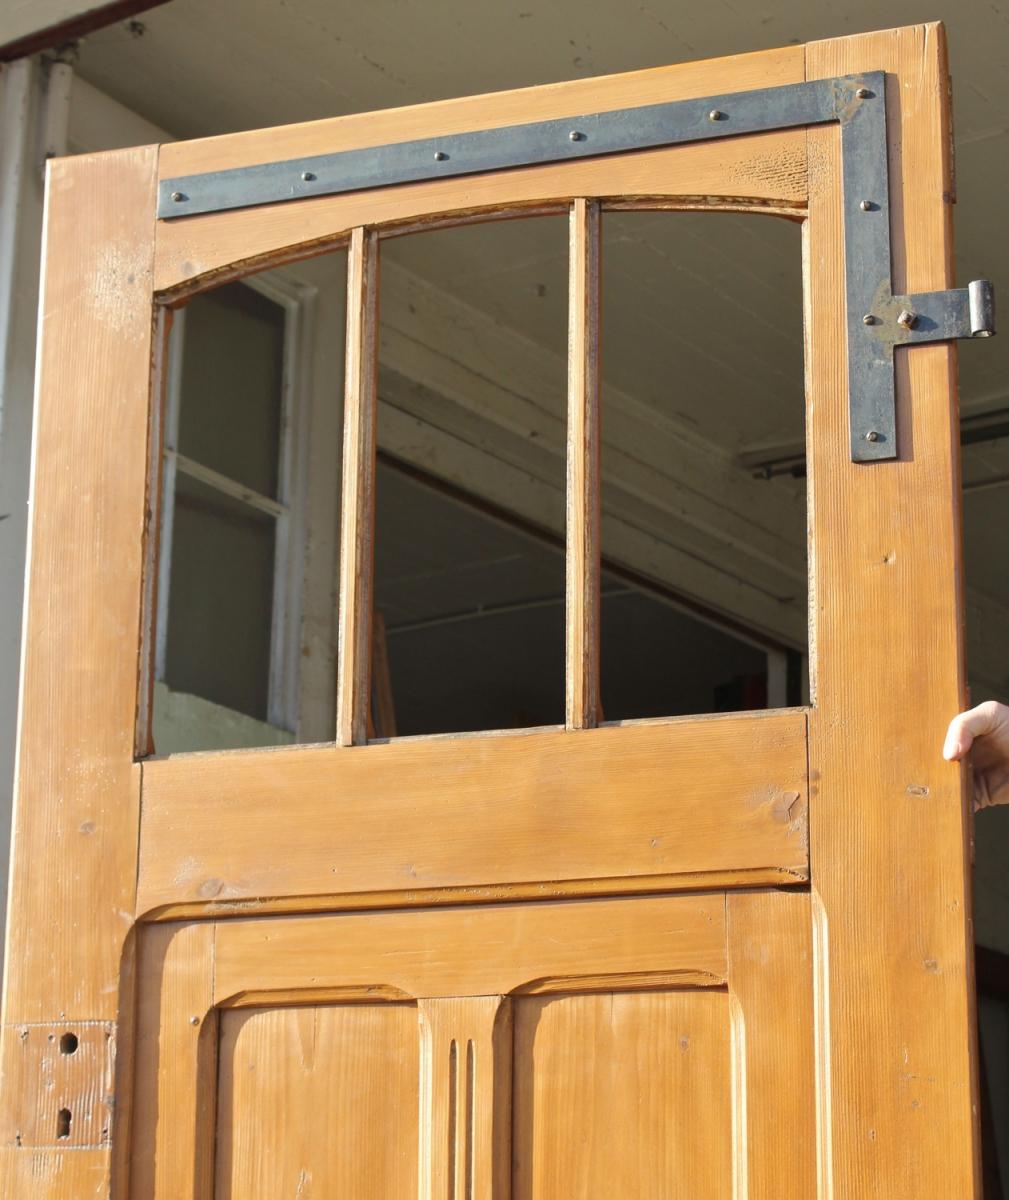 breite haust r ein angebot aus der rubrik einfl gelige historische haust ren unter 195 cm. Black Bedroom Furniture Sets. Home Design Ideas